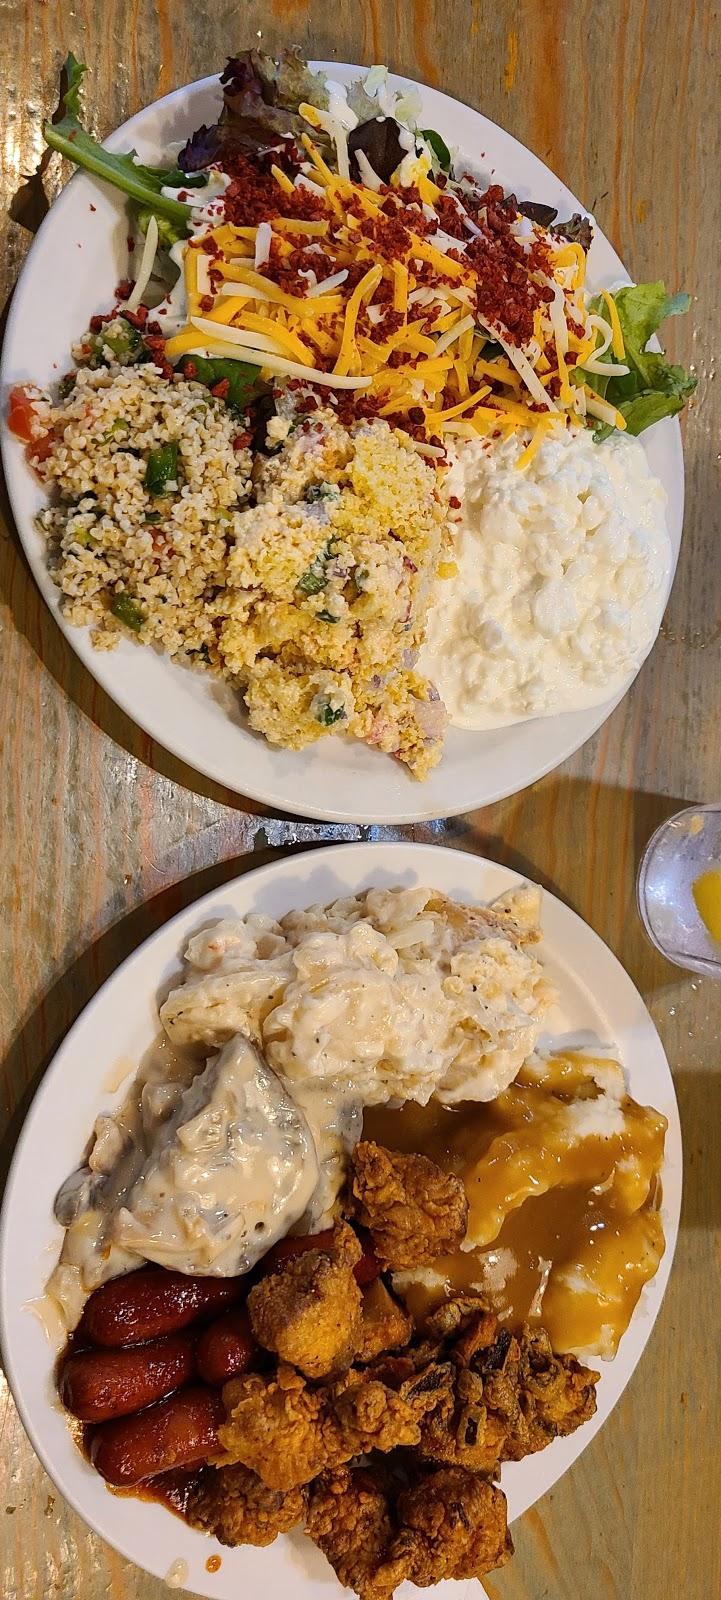 Steer Inn Family Restaurant - restaurant  | Photo 9 of 10 | Address: 108 Industrial Dr, Mannford, OK 74044, USA | Phone: (918) 865-2127